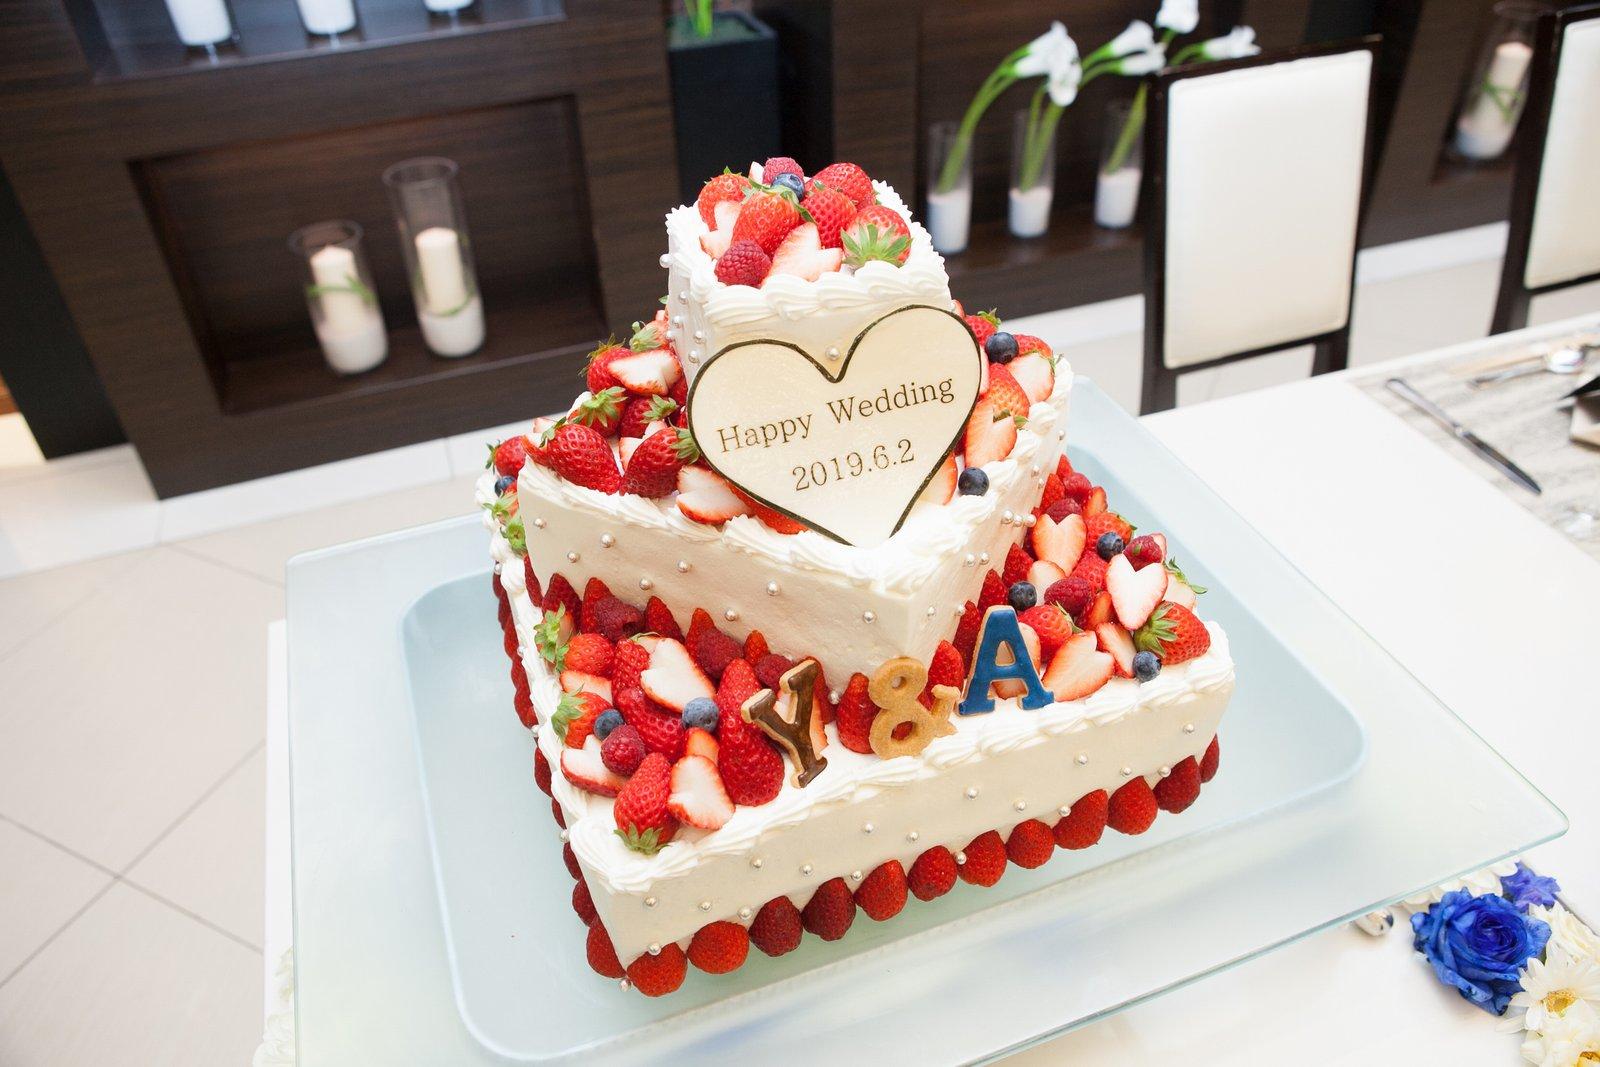 徳島市の結婚式場ブランアンジュで甘い苺のウエディングケーキ